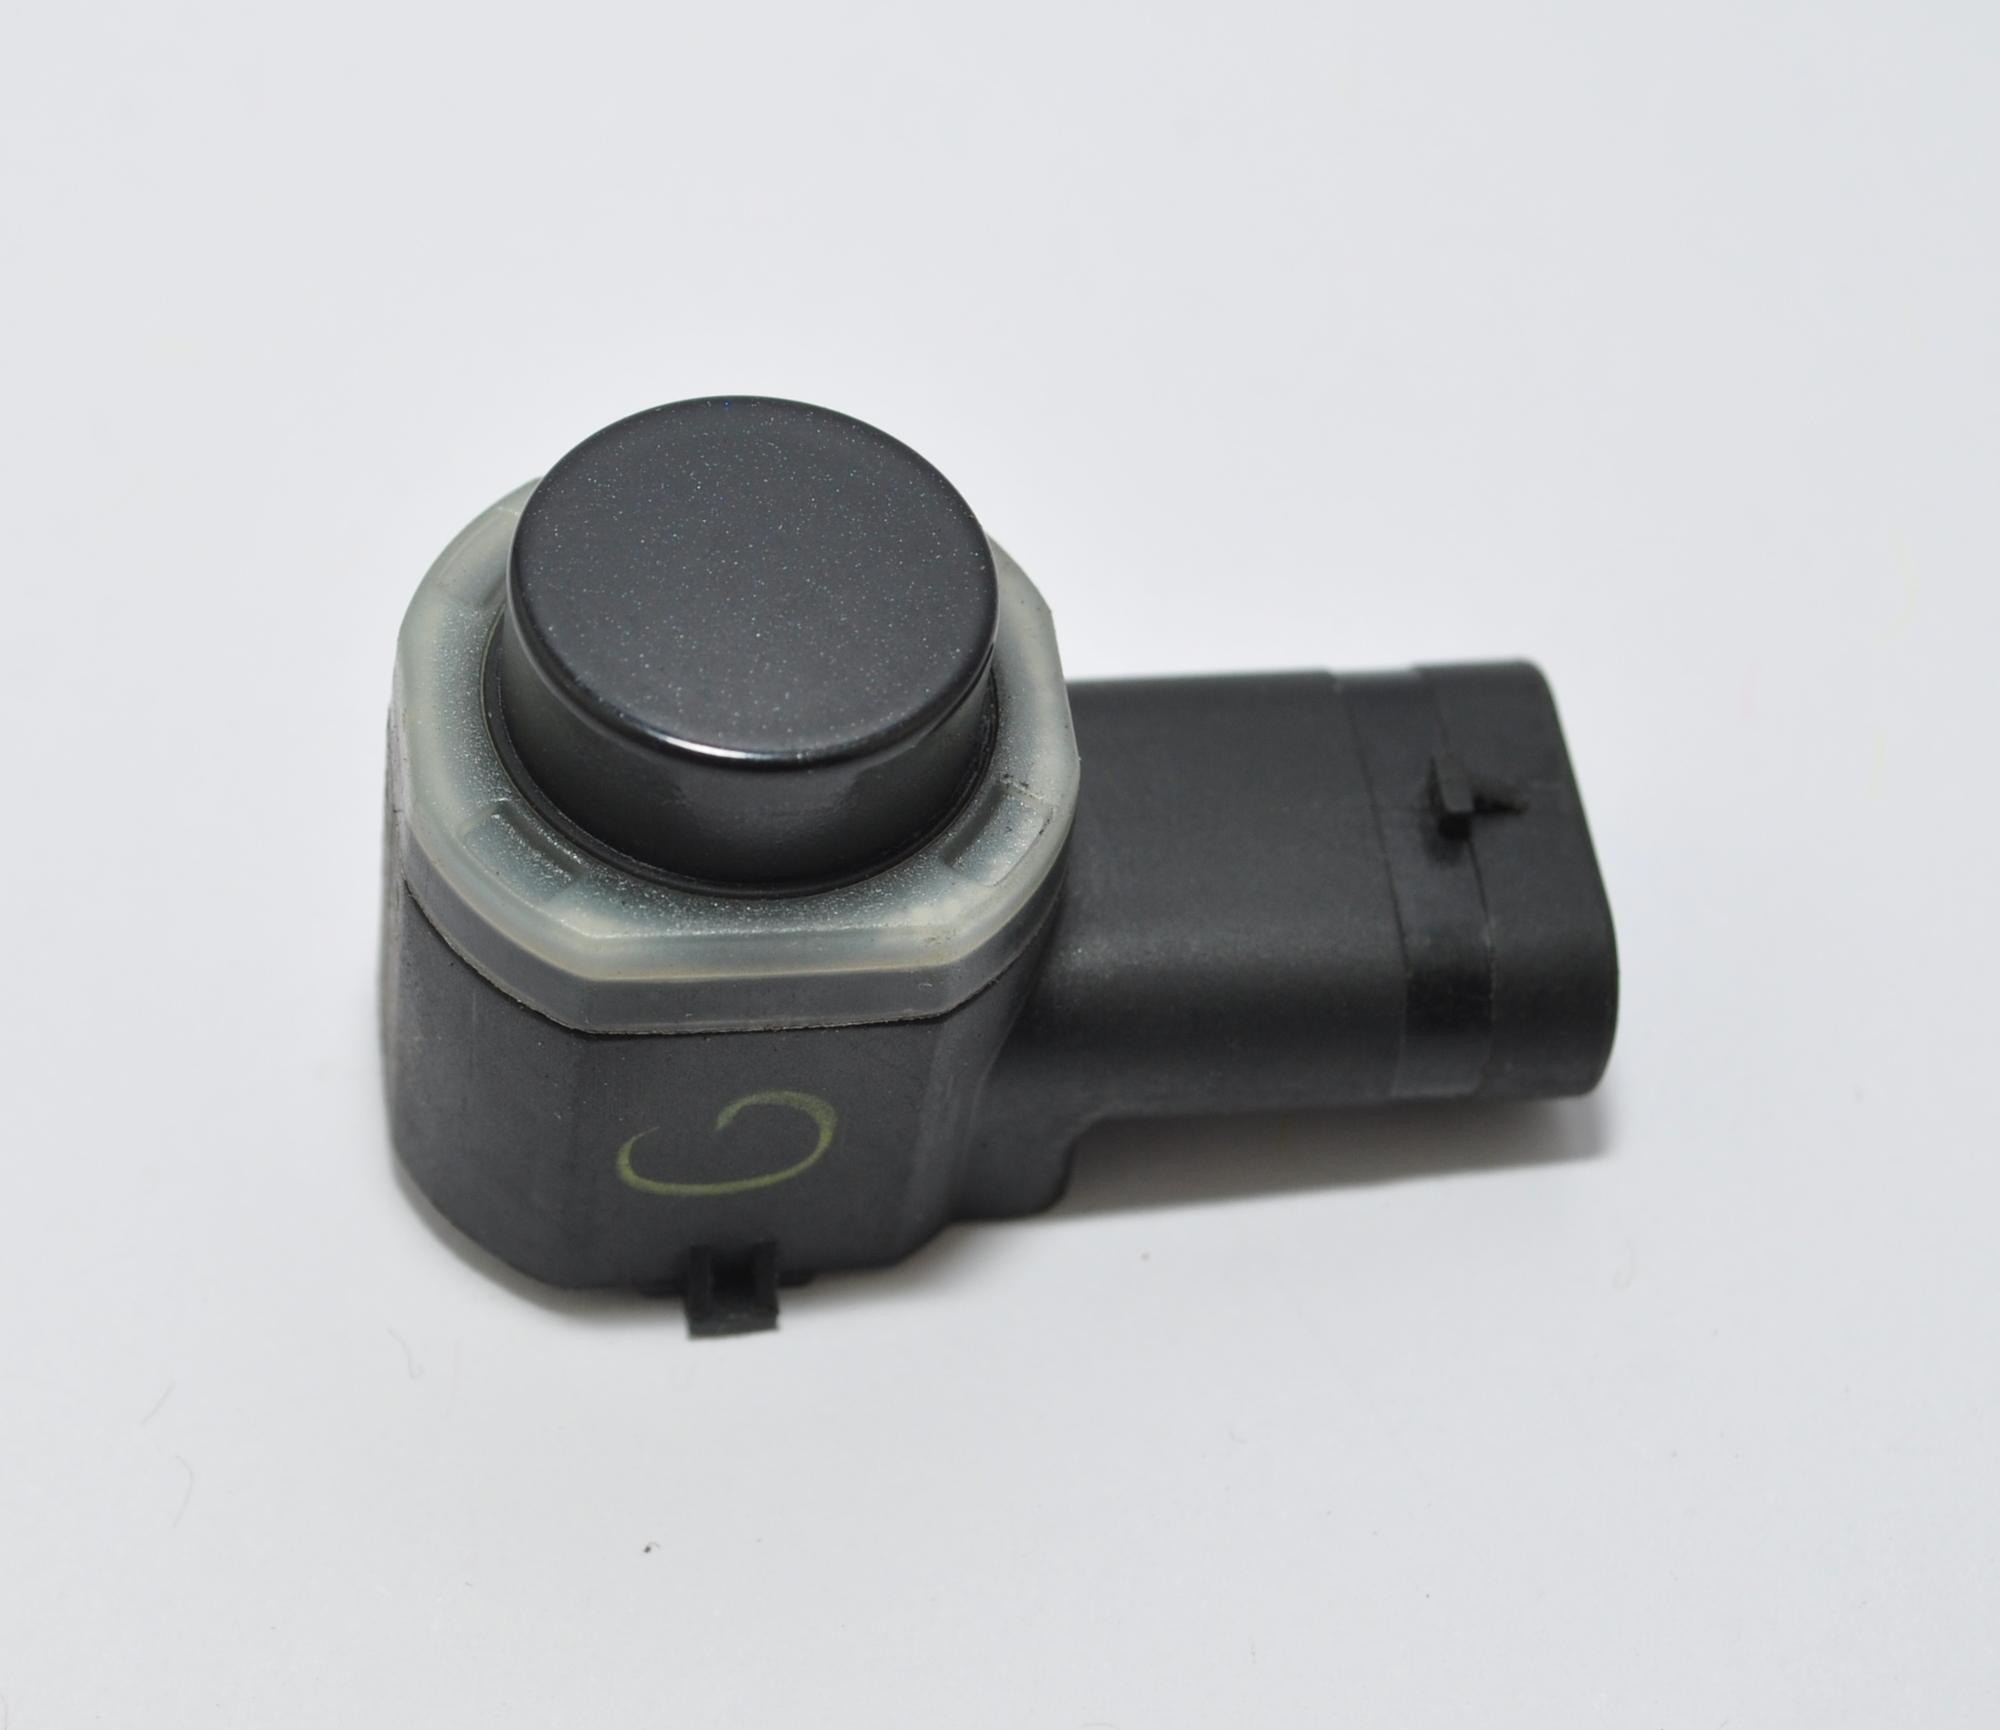 pdc sensor einparkhilfe vorne hinten 5c6919275a golf 6 var. Black Bedroom Furniture Sets. Home Design Ideas